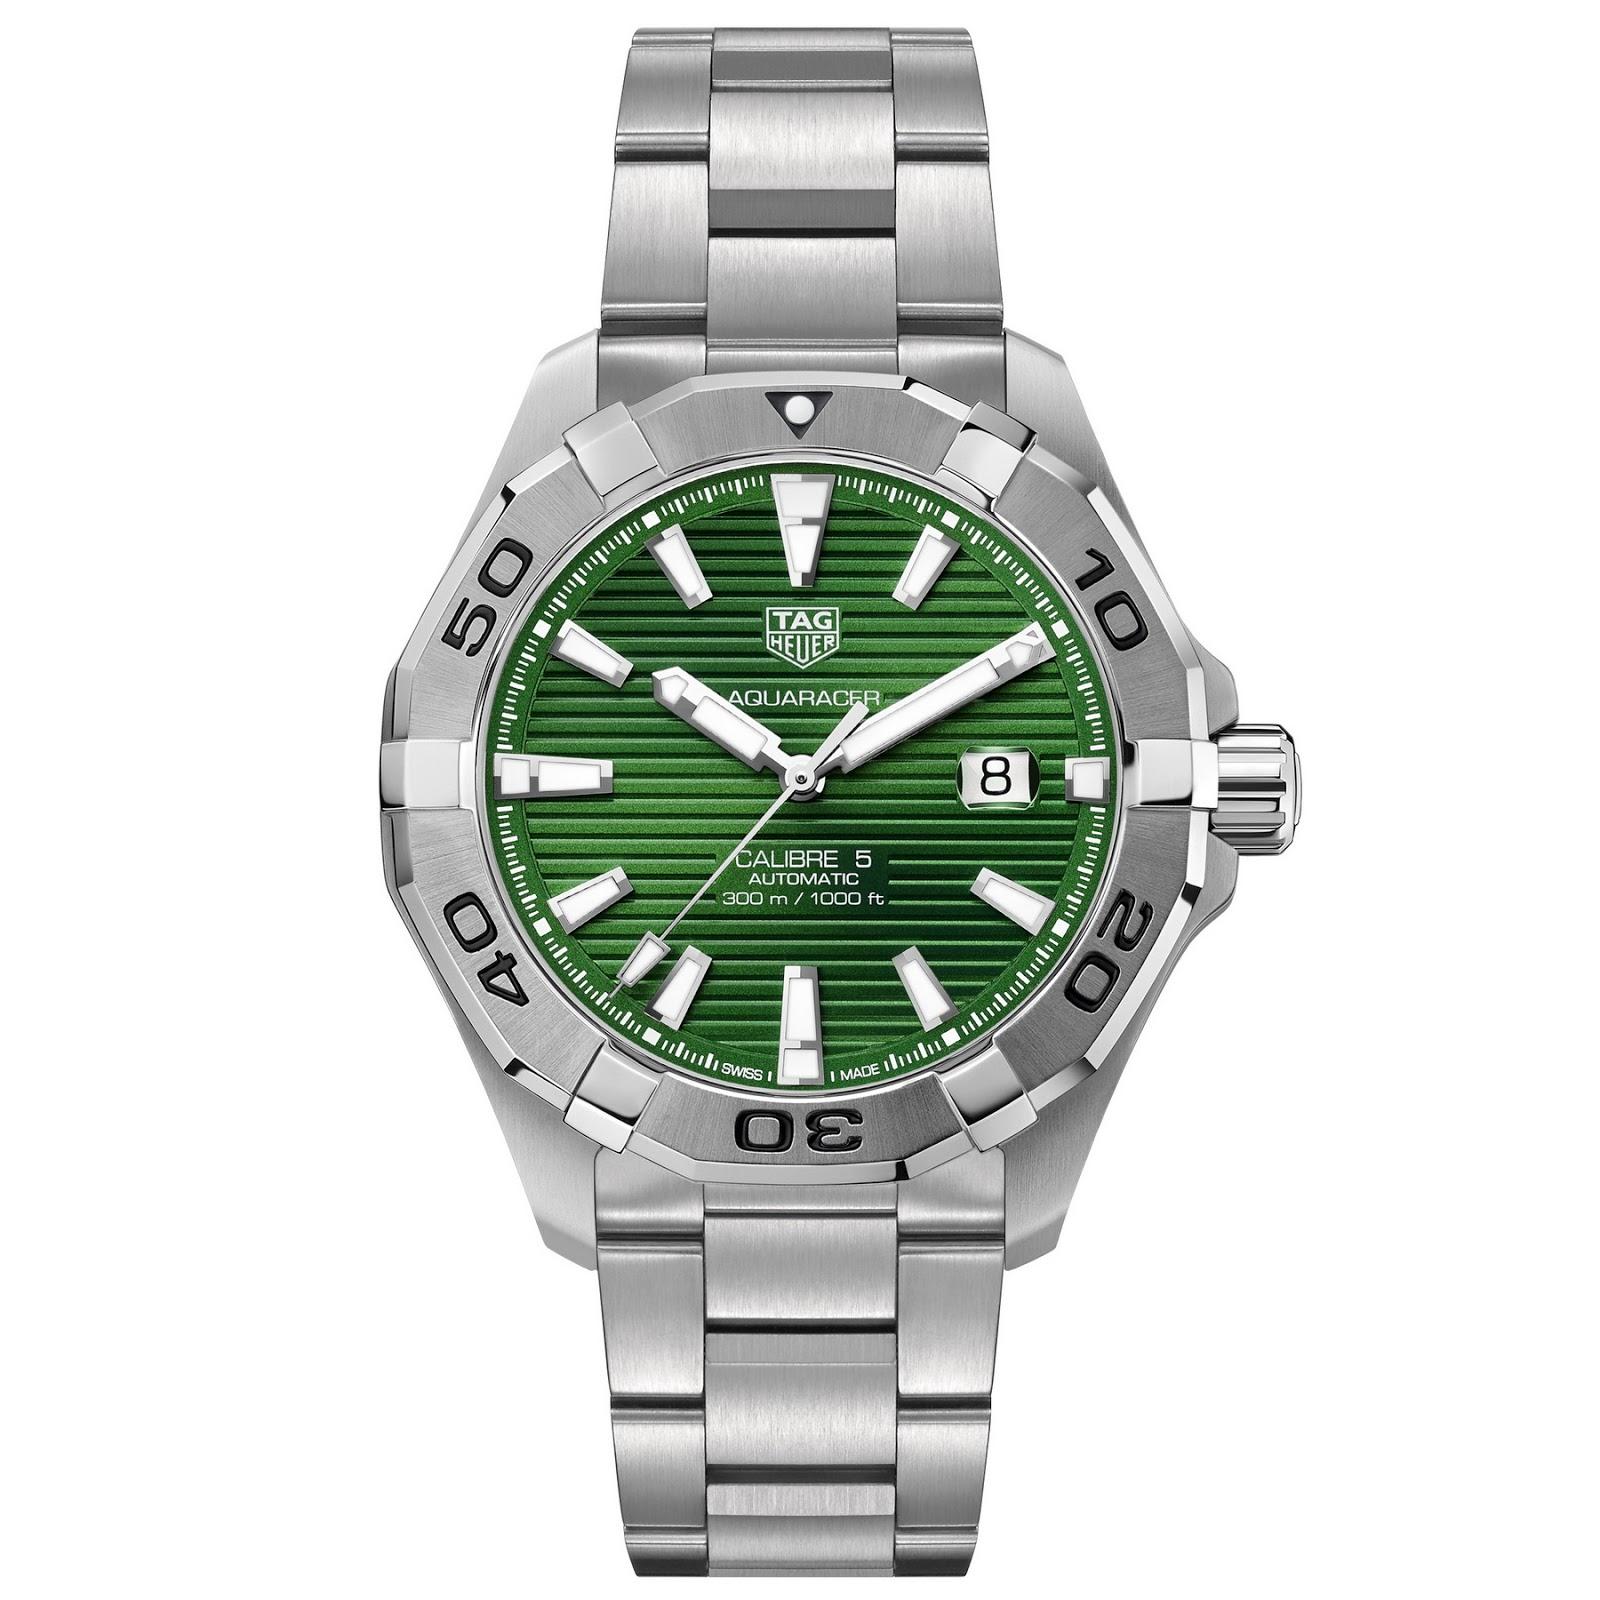 Tag Heuer's new Emerald Green Aquaracers TAG+Heuer+Aquracer+EMERALD+02